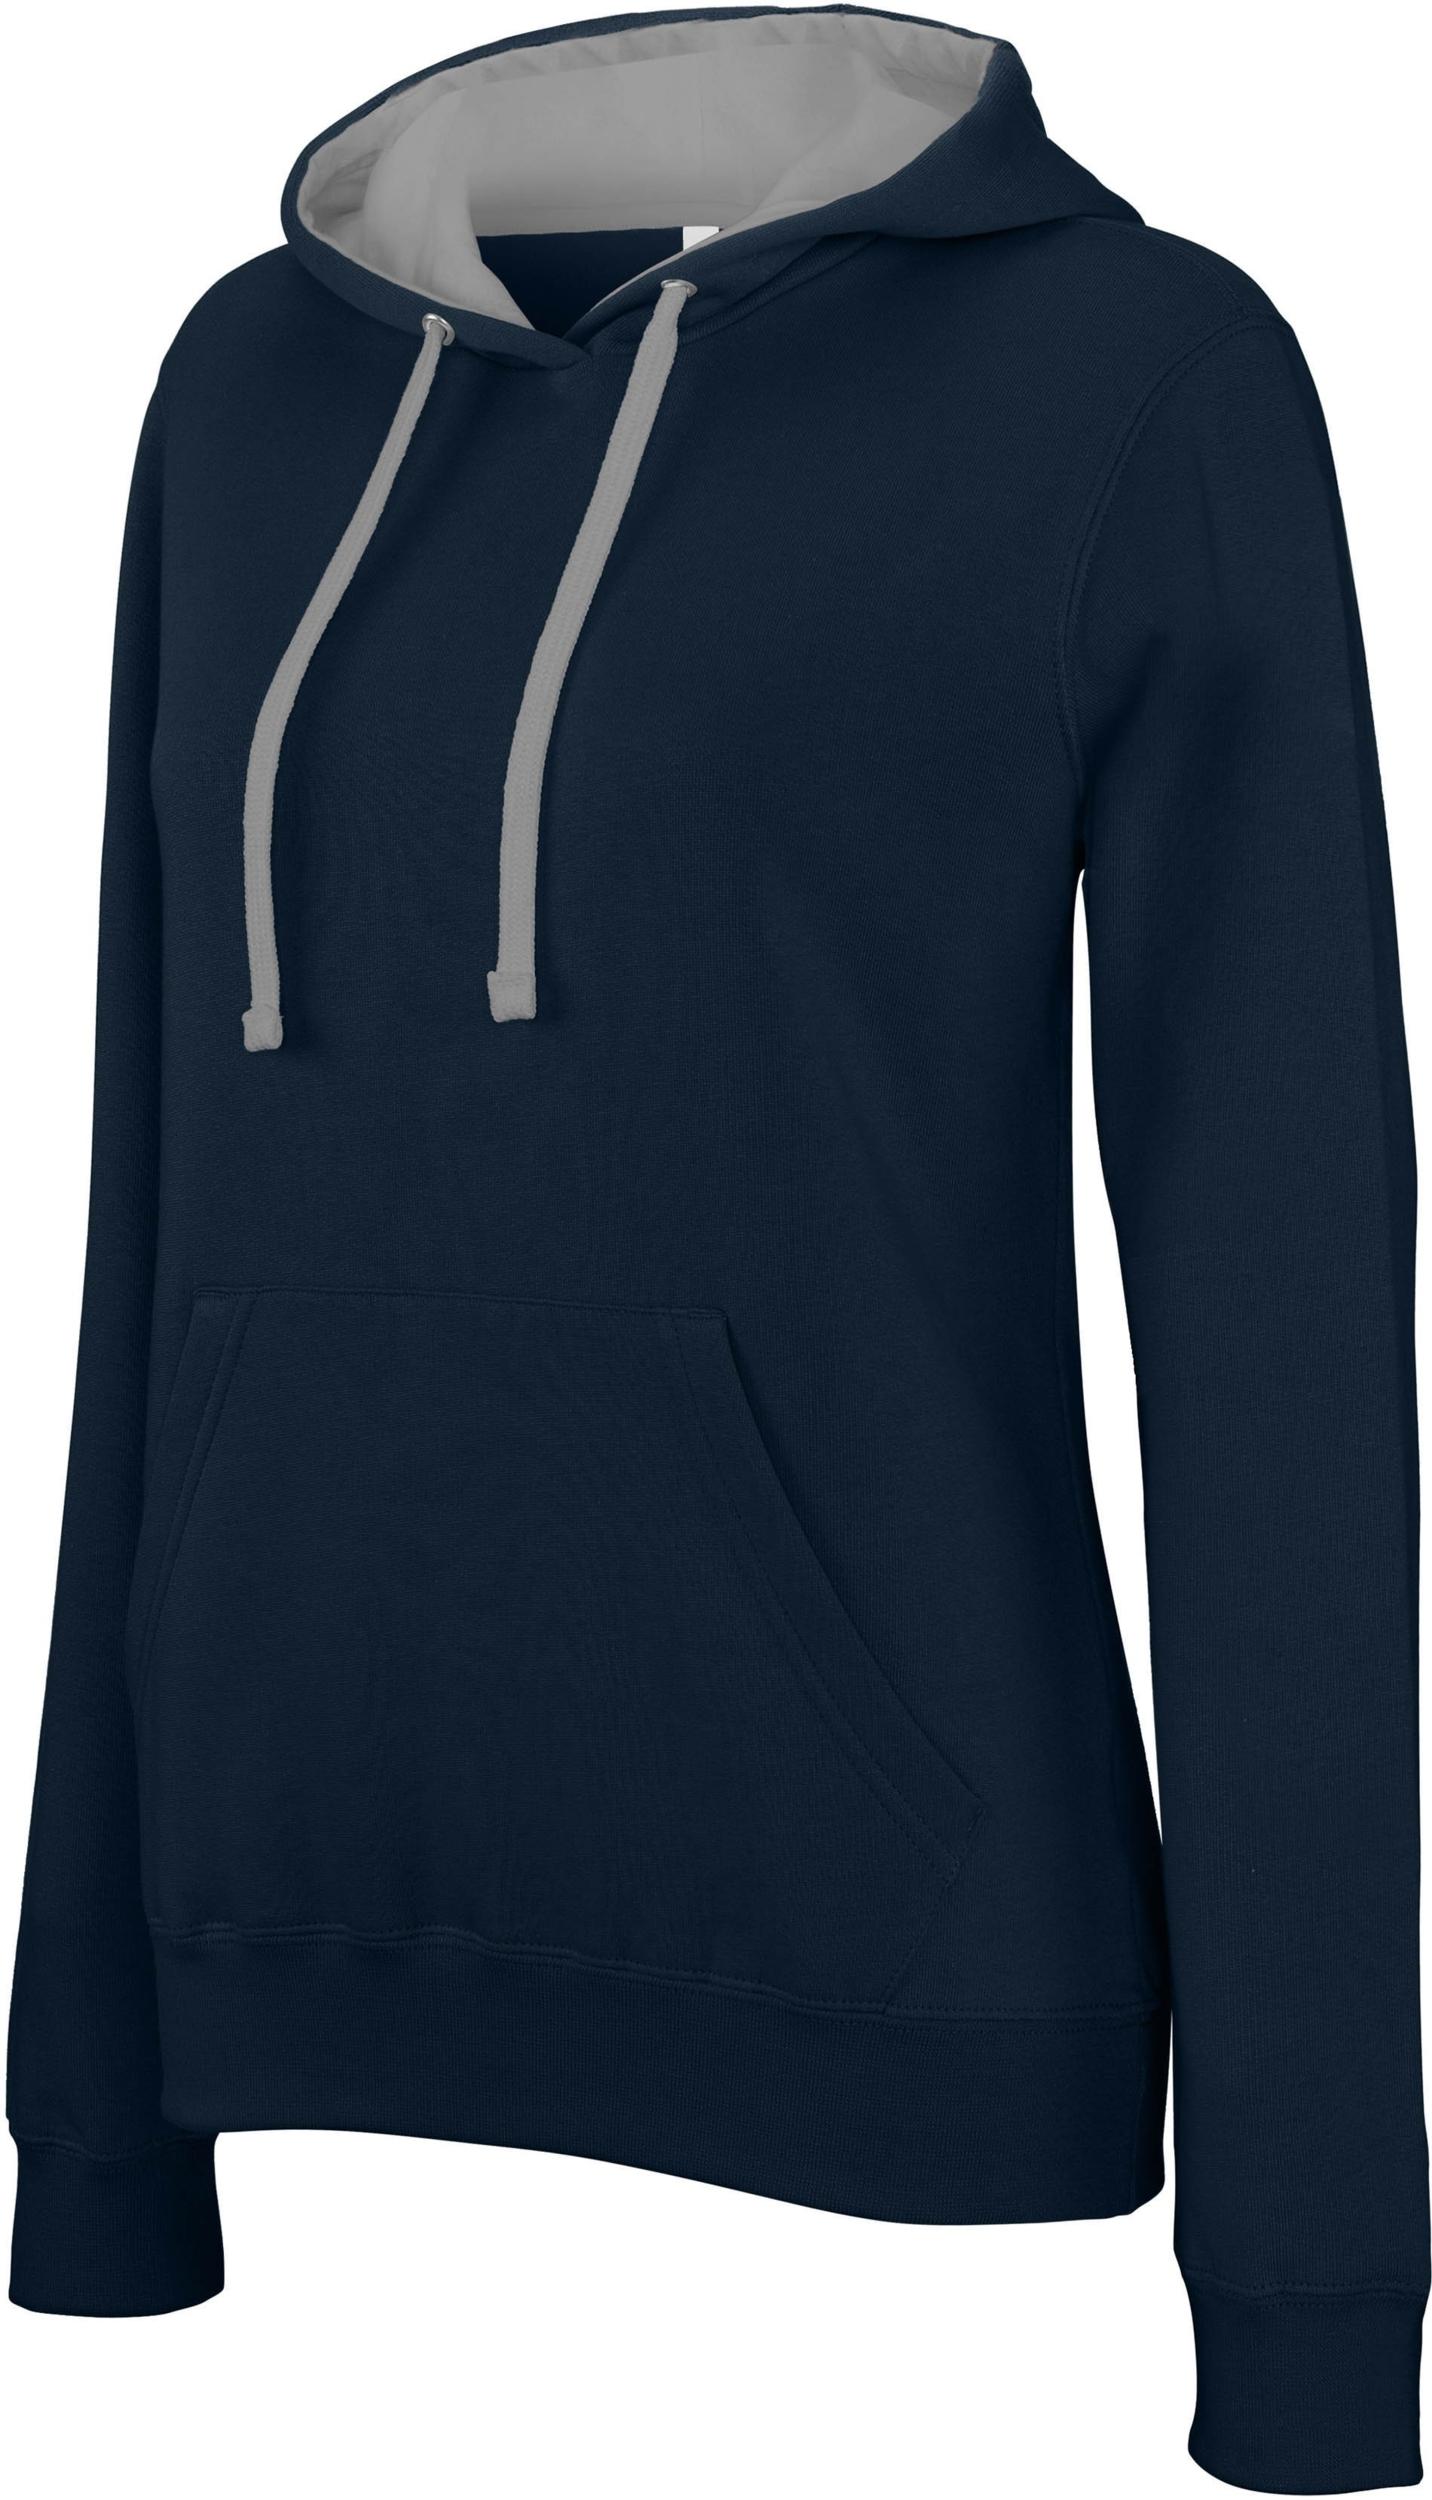 special sales online shop united states Sweat-shirt Pixit NON ZIPPE - Femme - Bleu Navy / Capuche Grise - Poches  kangourou -Passe fil écouteurs dans la poche kangourou et encolure - 280/gm²